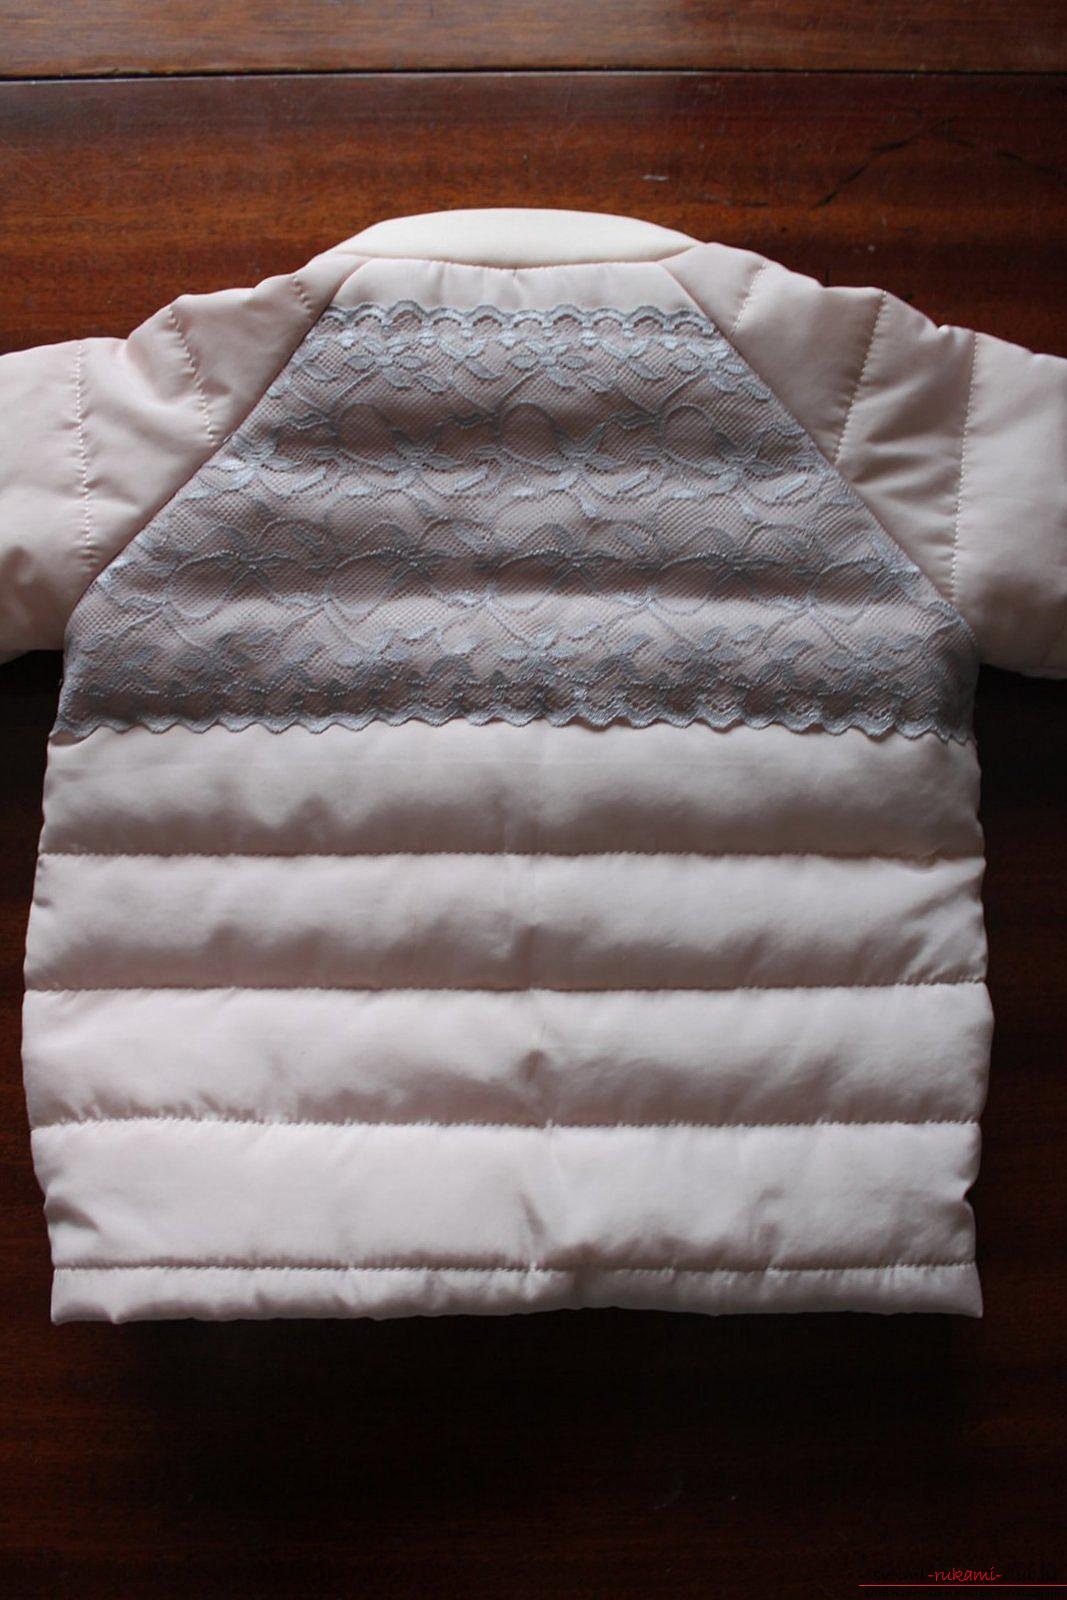 Этот мастер-класс с выкройкой одежды для девочек, фото и описанием шитья детской одежды расскажет как сшить куртки для девочек.. Фото №50